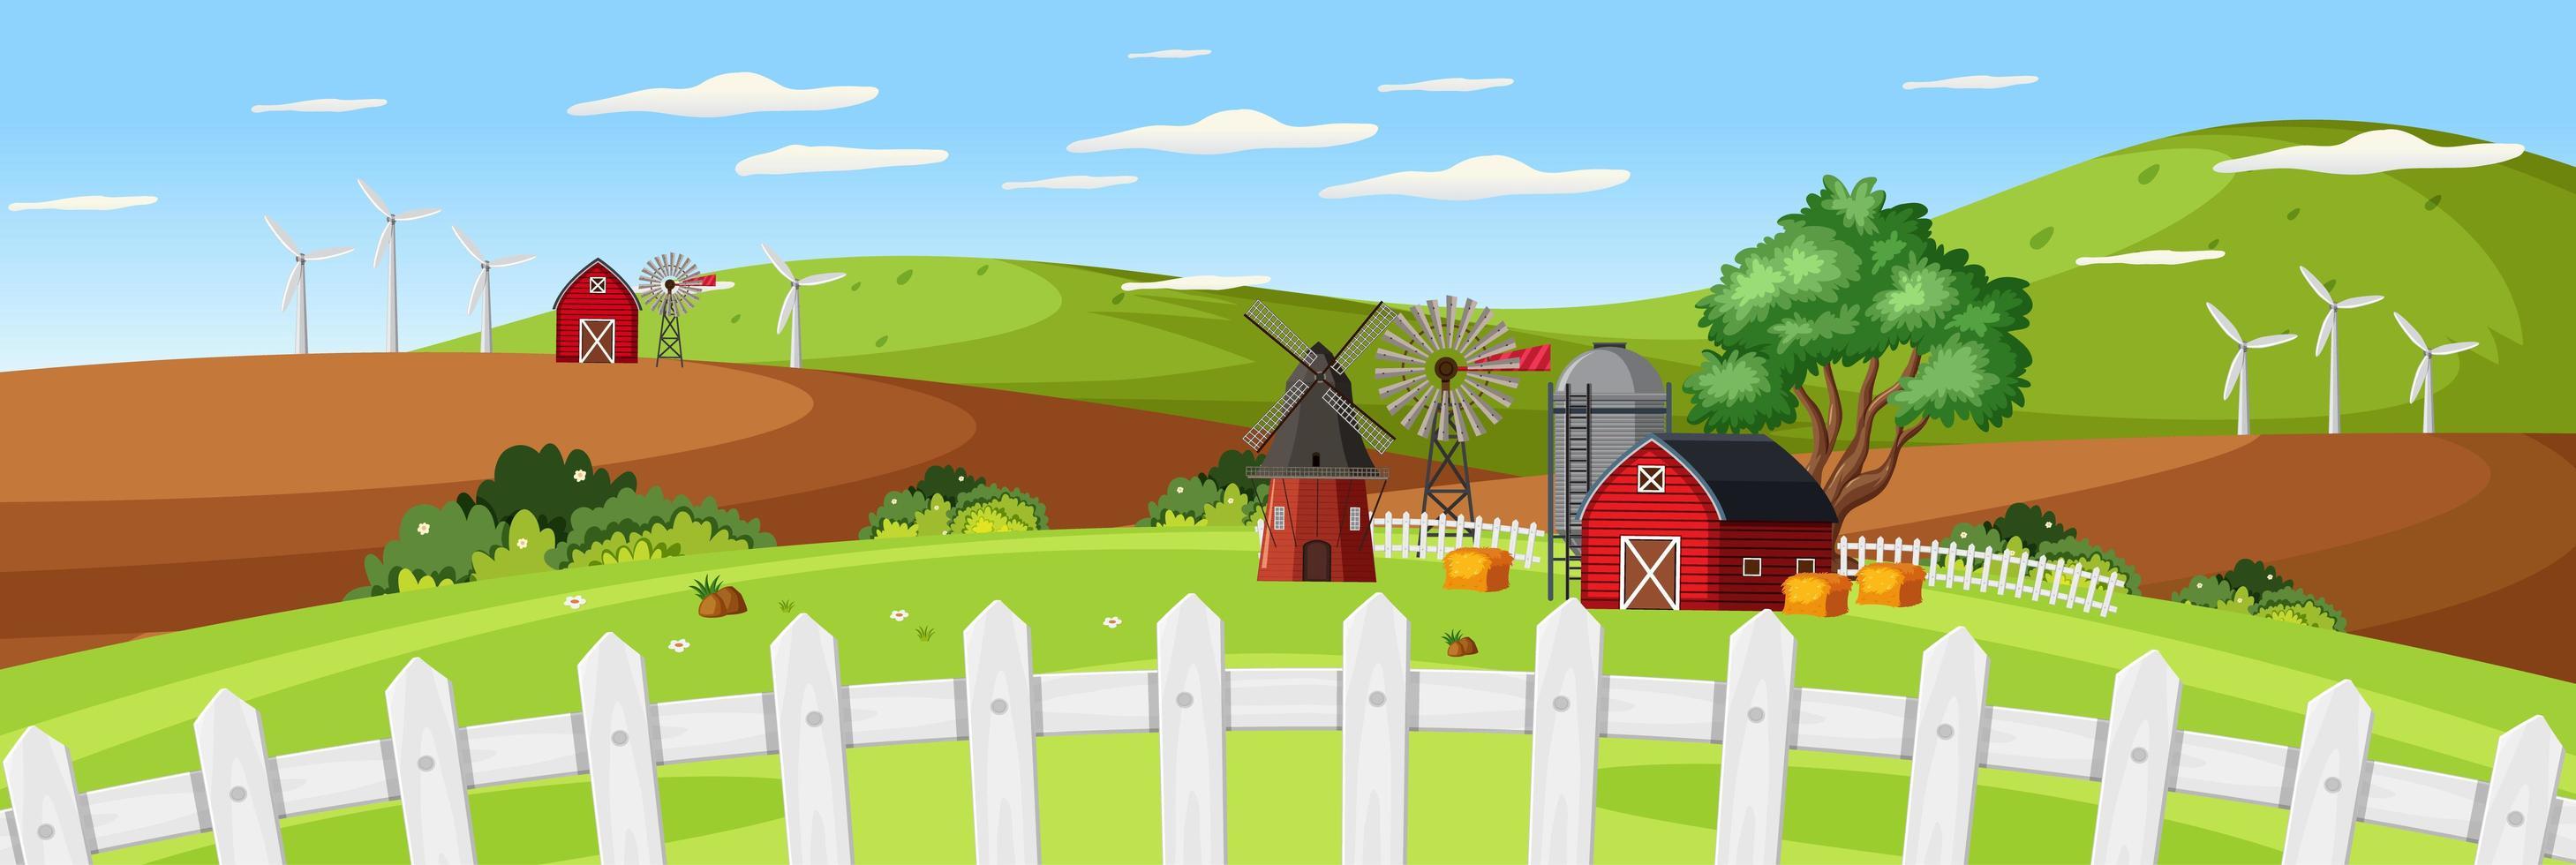 boerderij landschap met rode schuur en close-up hek in het zomerseizoen vector